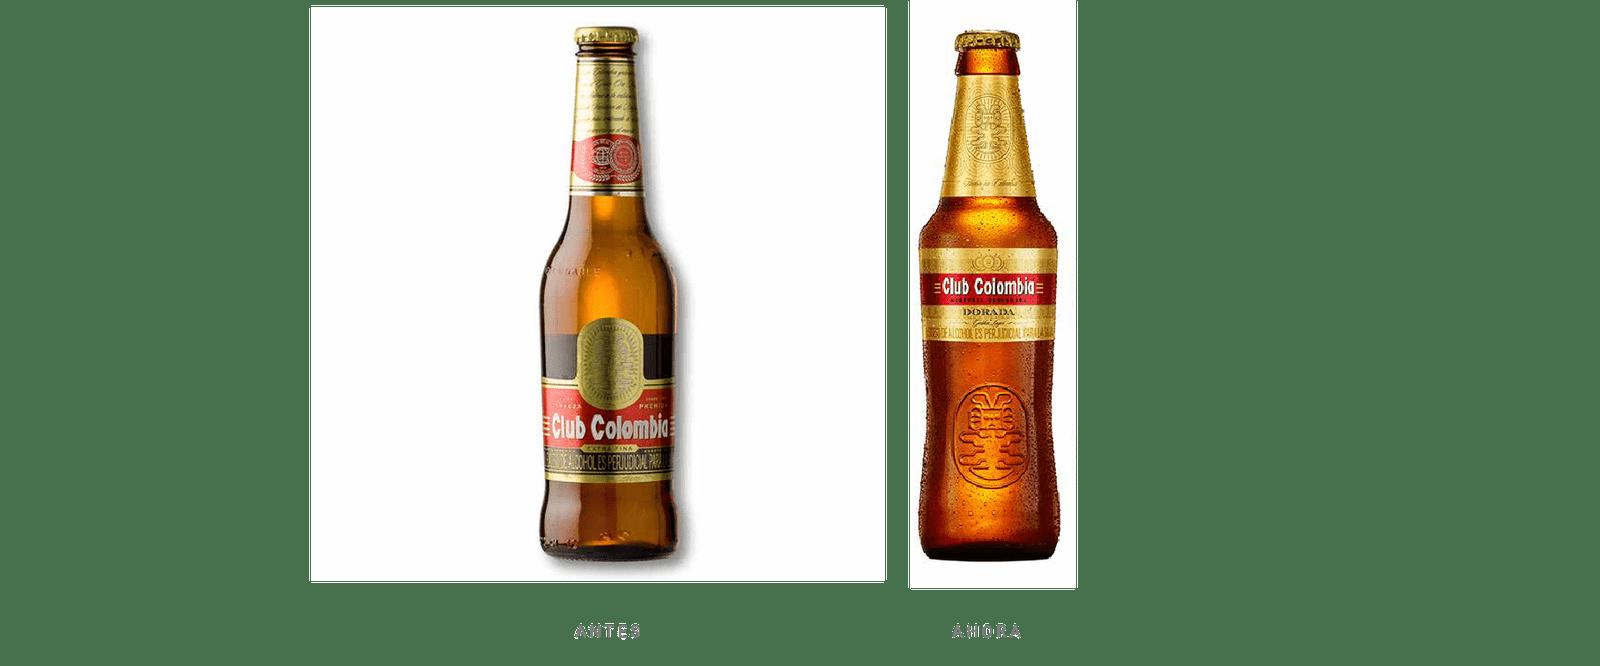 Club Colombia Comparativo